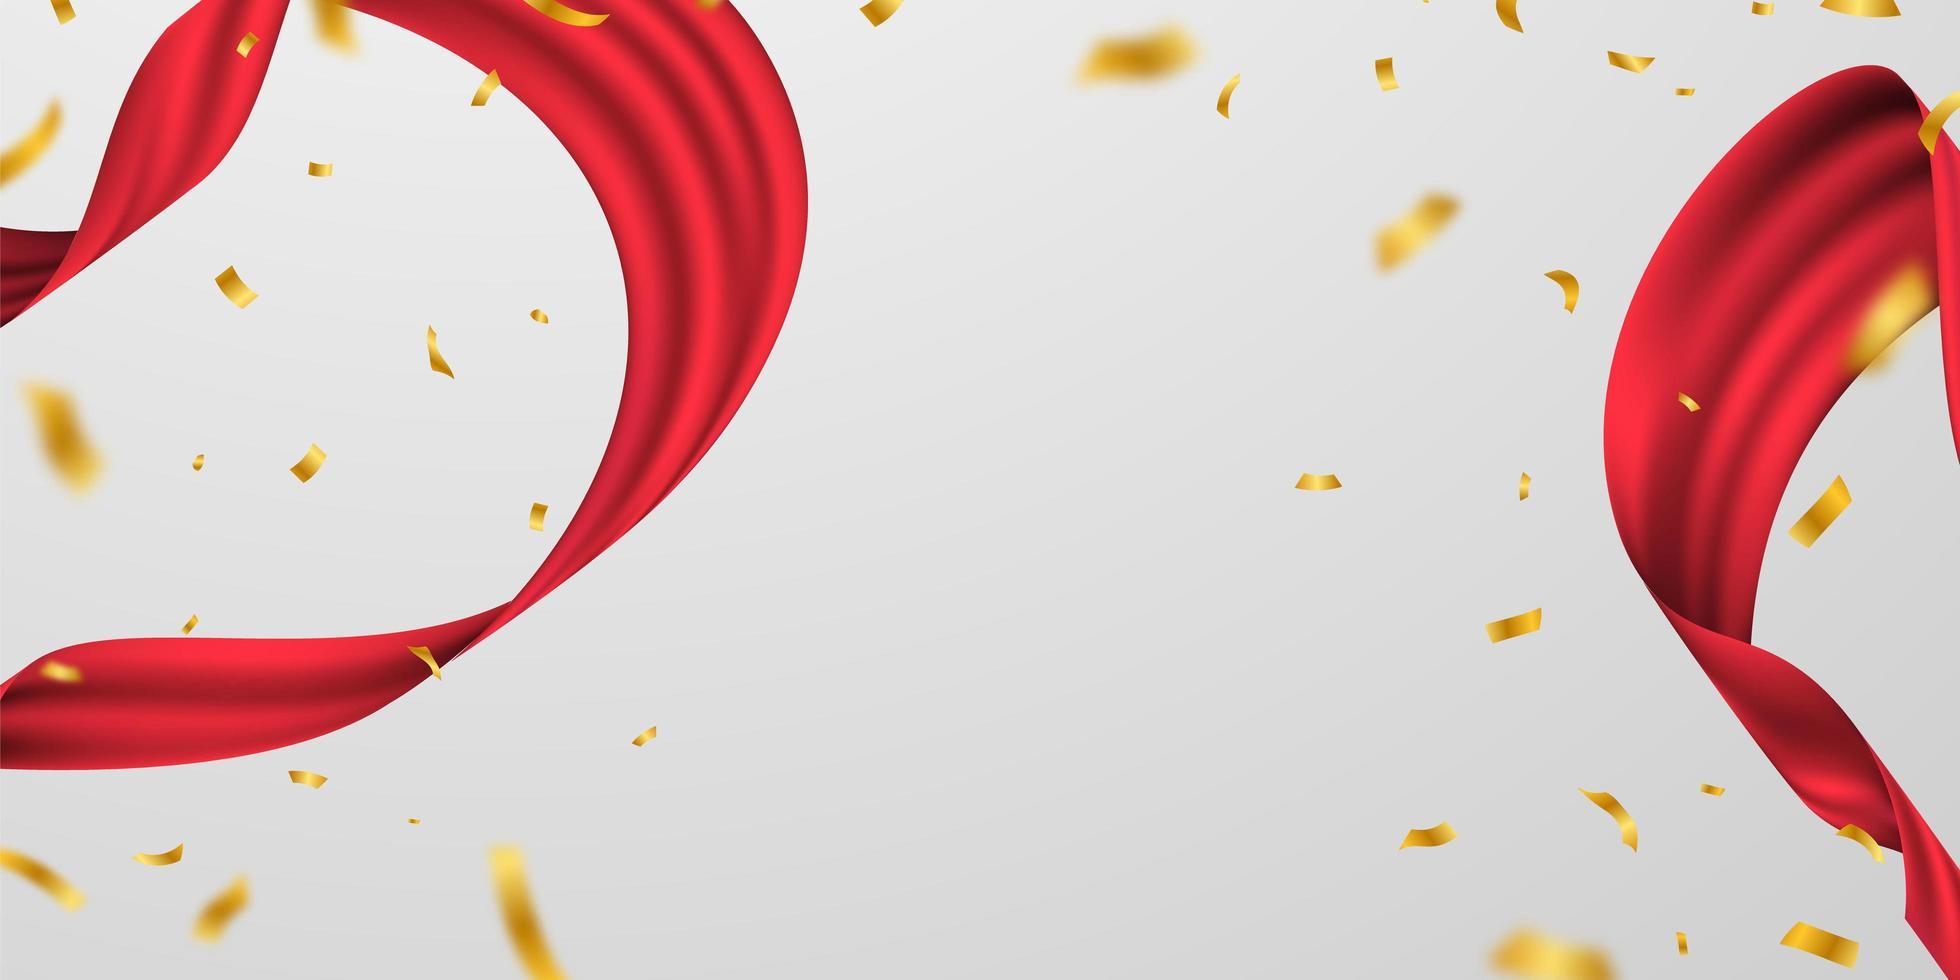 Grand Opening Karte mit rotem Band Hintergrund Glitter Frame Vorlage. vektor